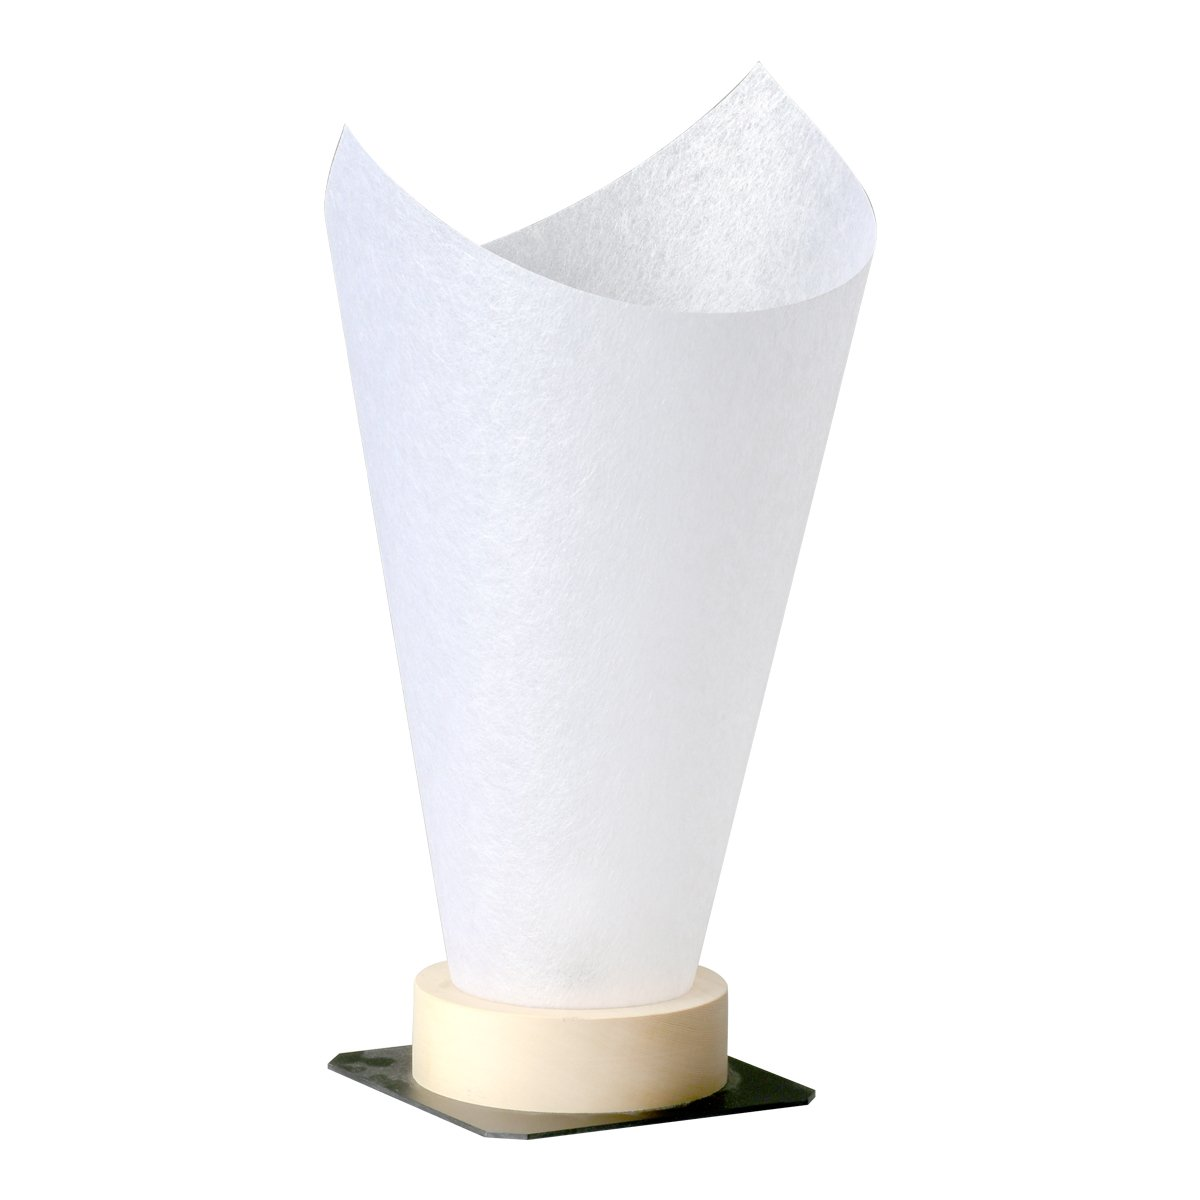 モダン盆提灯 白雪(しらゆき) 国産 ルームライト B07D4CB42Y